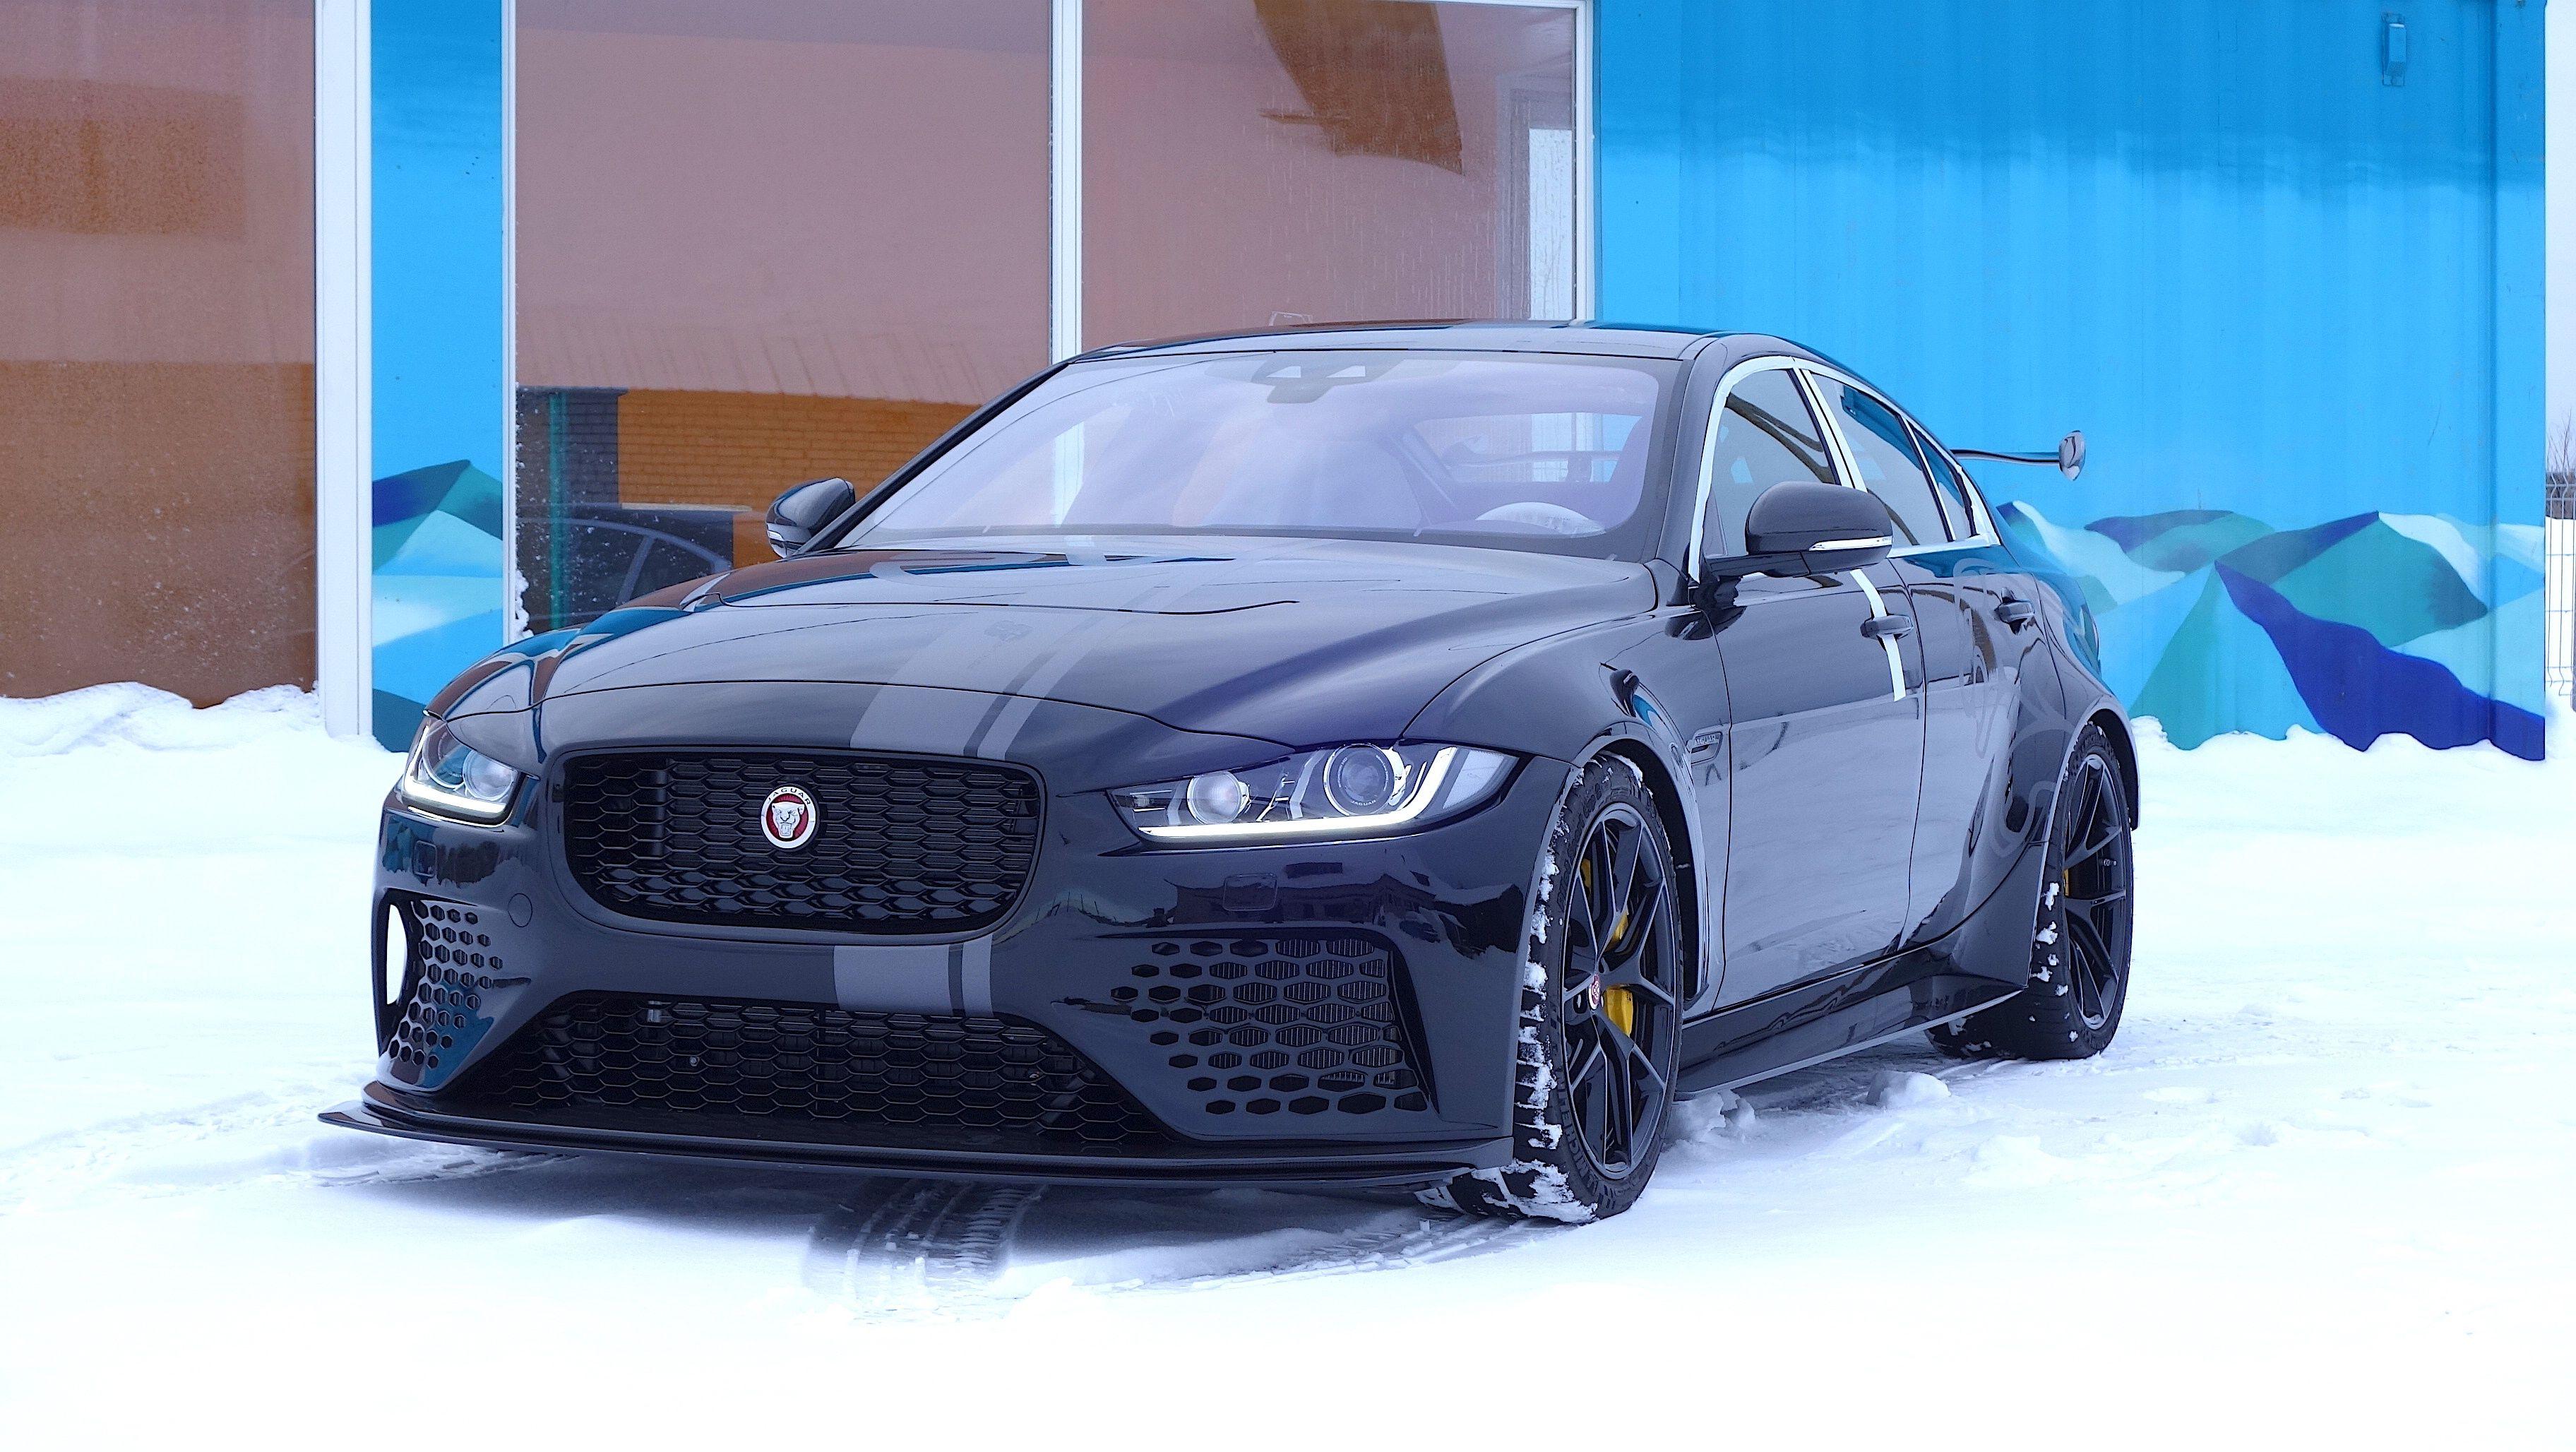 Pin By Manny Junco On Jaguar Jaguar Xe Jaguar Car Jaguar